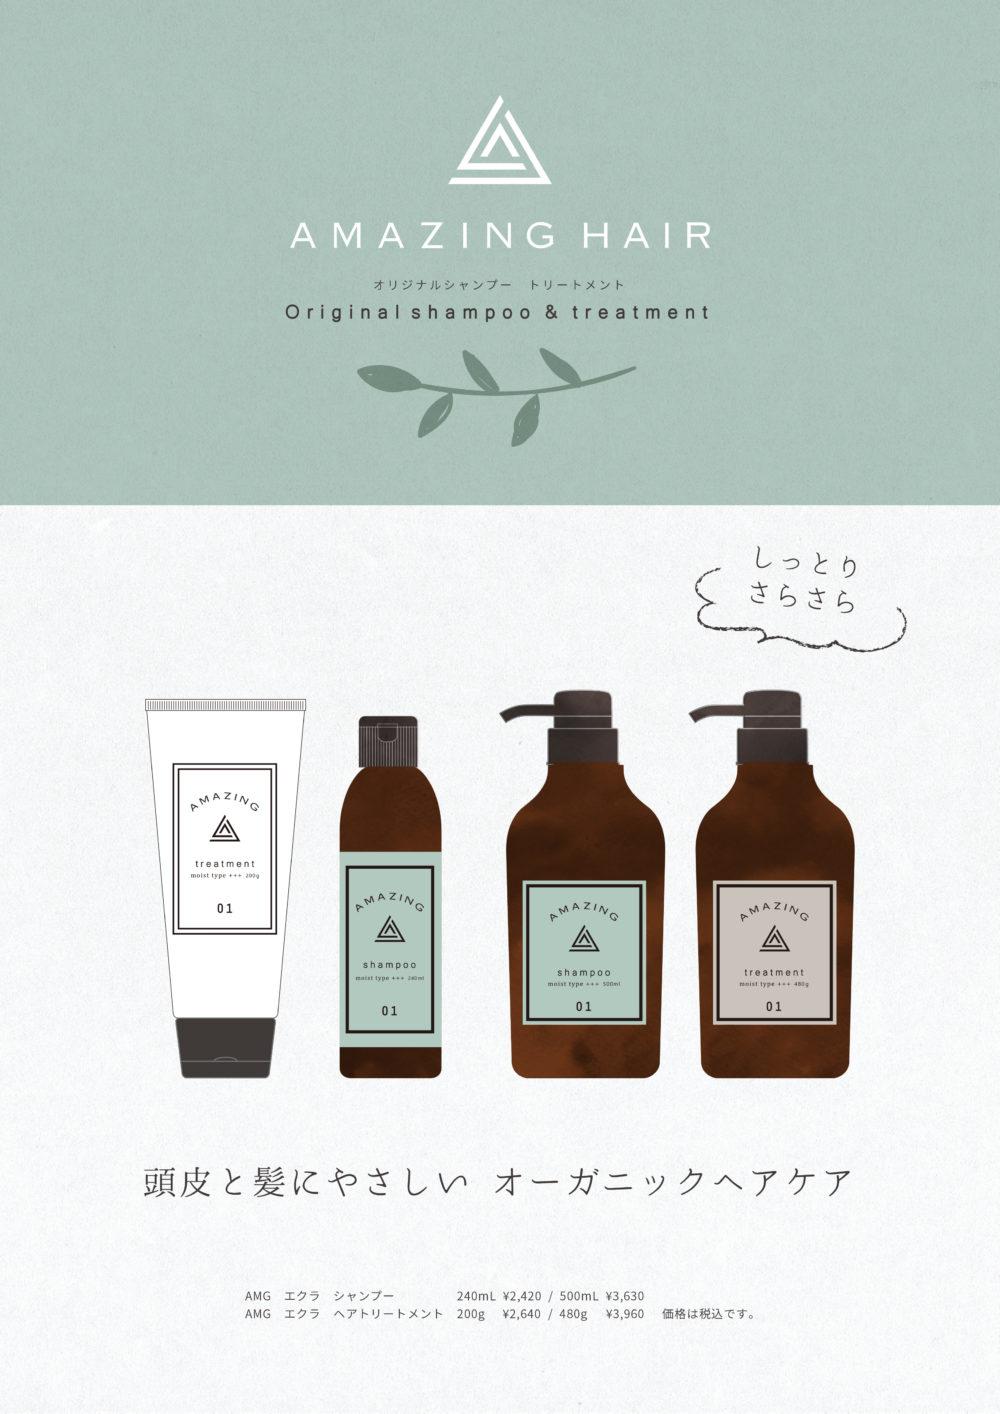 オリジナルシャンプ&トリートメント 頭皮と髪にやさしい オーガニックヘアケア